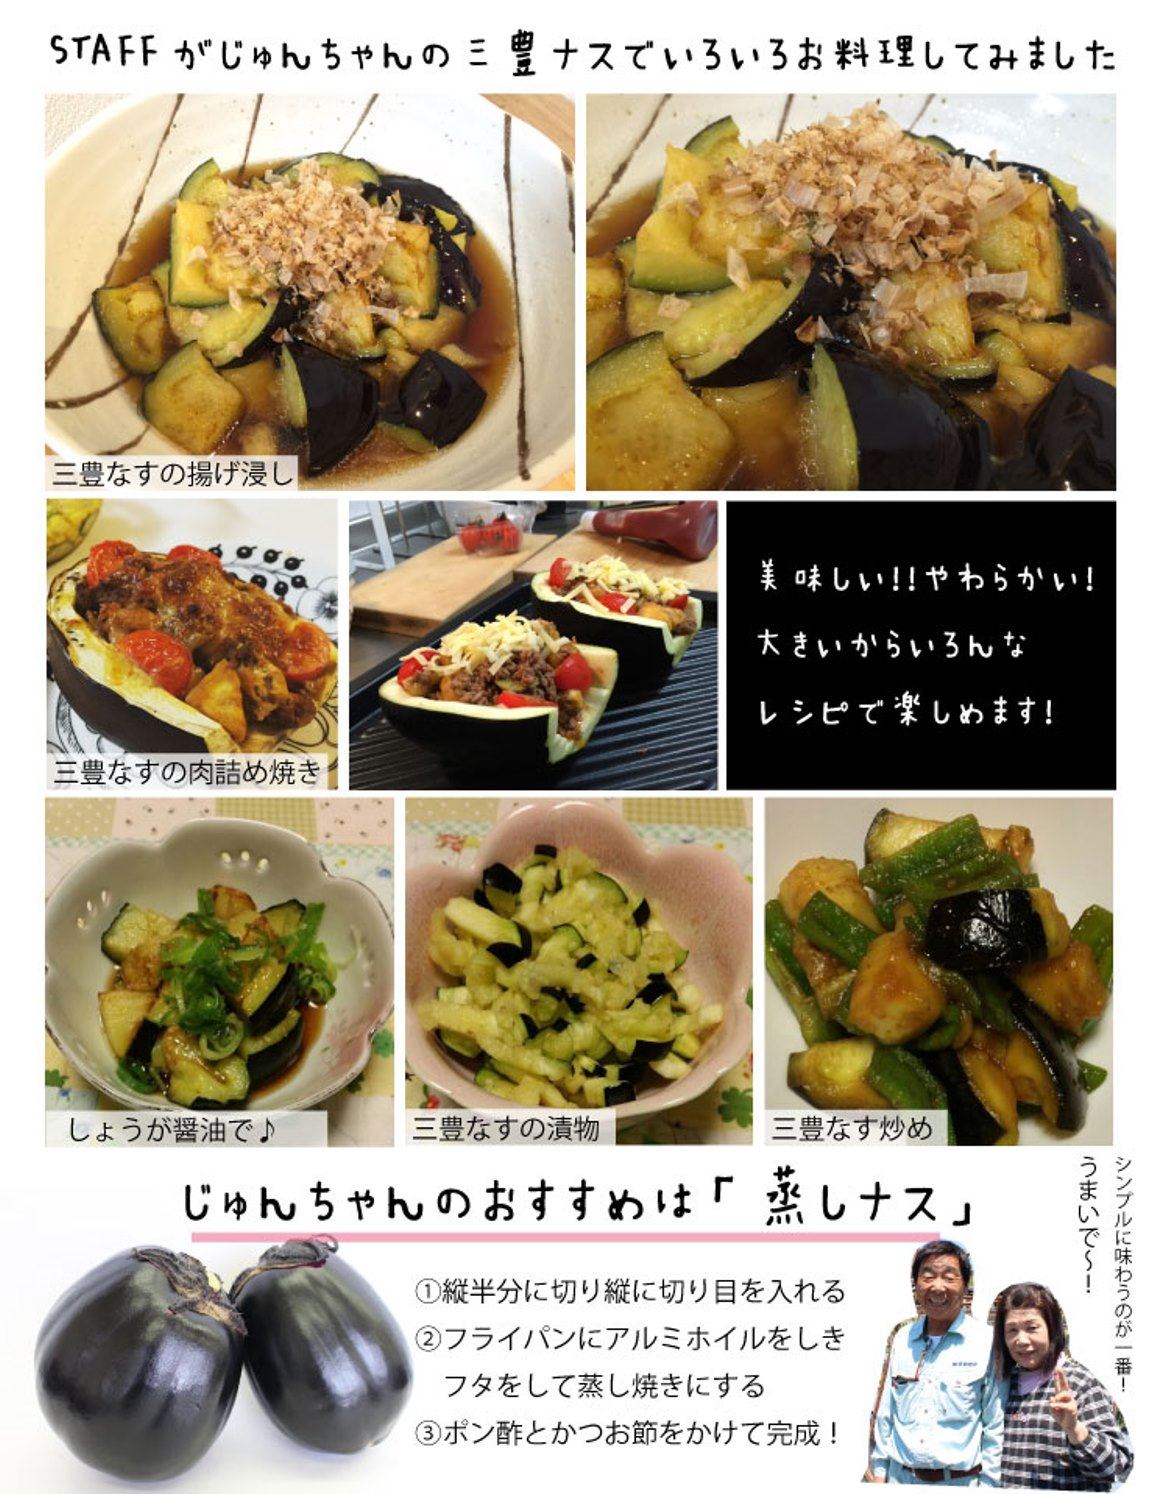 じゅんちゃんの三豊ナスでお料理してみました!!